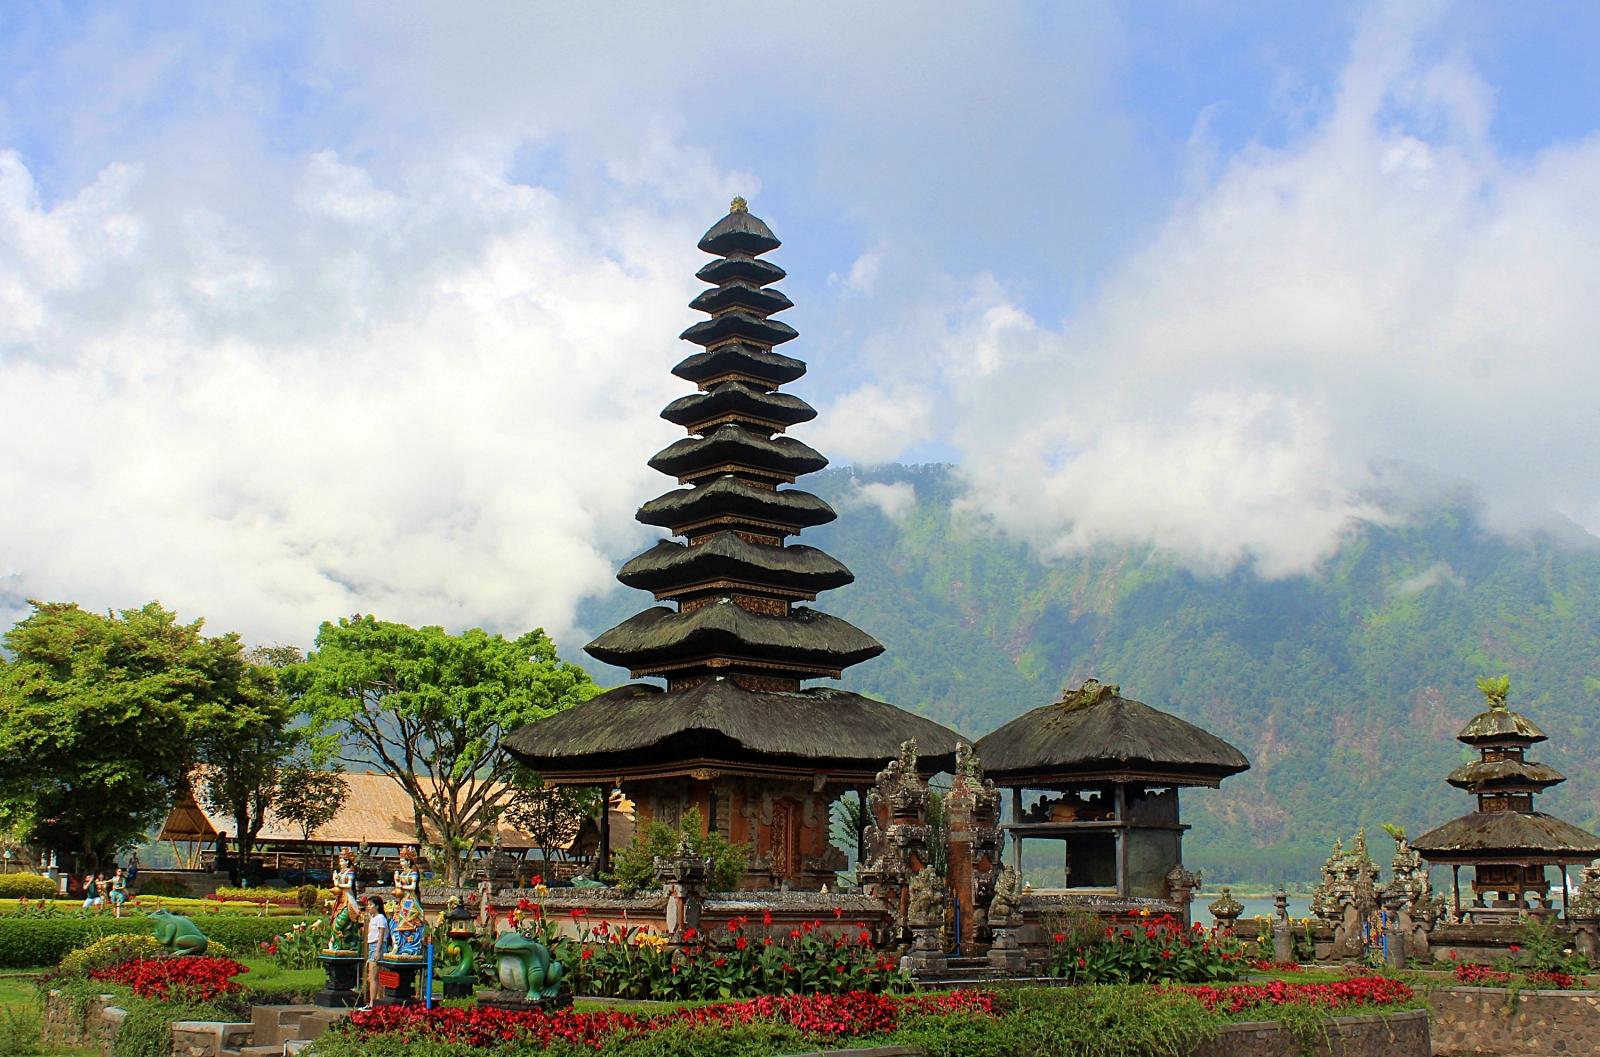 Bali Ulun Danu Beratan Temple